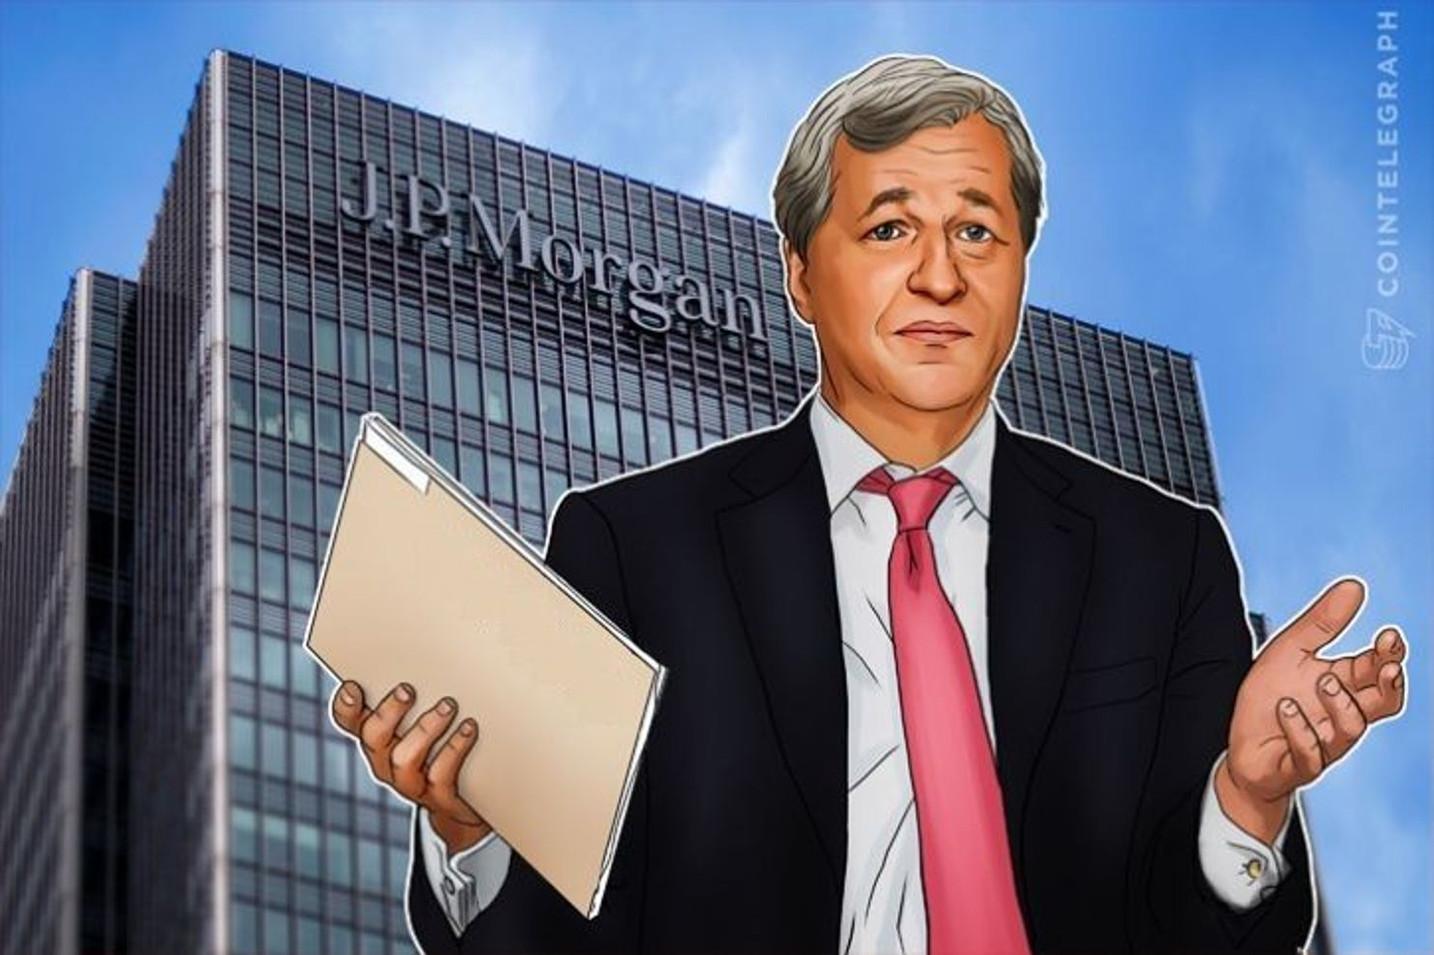 【追記あり】米大手銀行初 JPモルガンが独自の仮想通貨を開発|ダイモンCEOはビットコイン批判の急先鋒